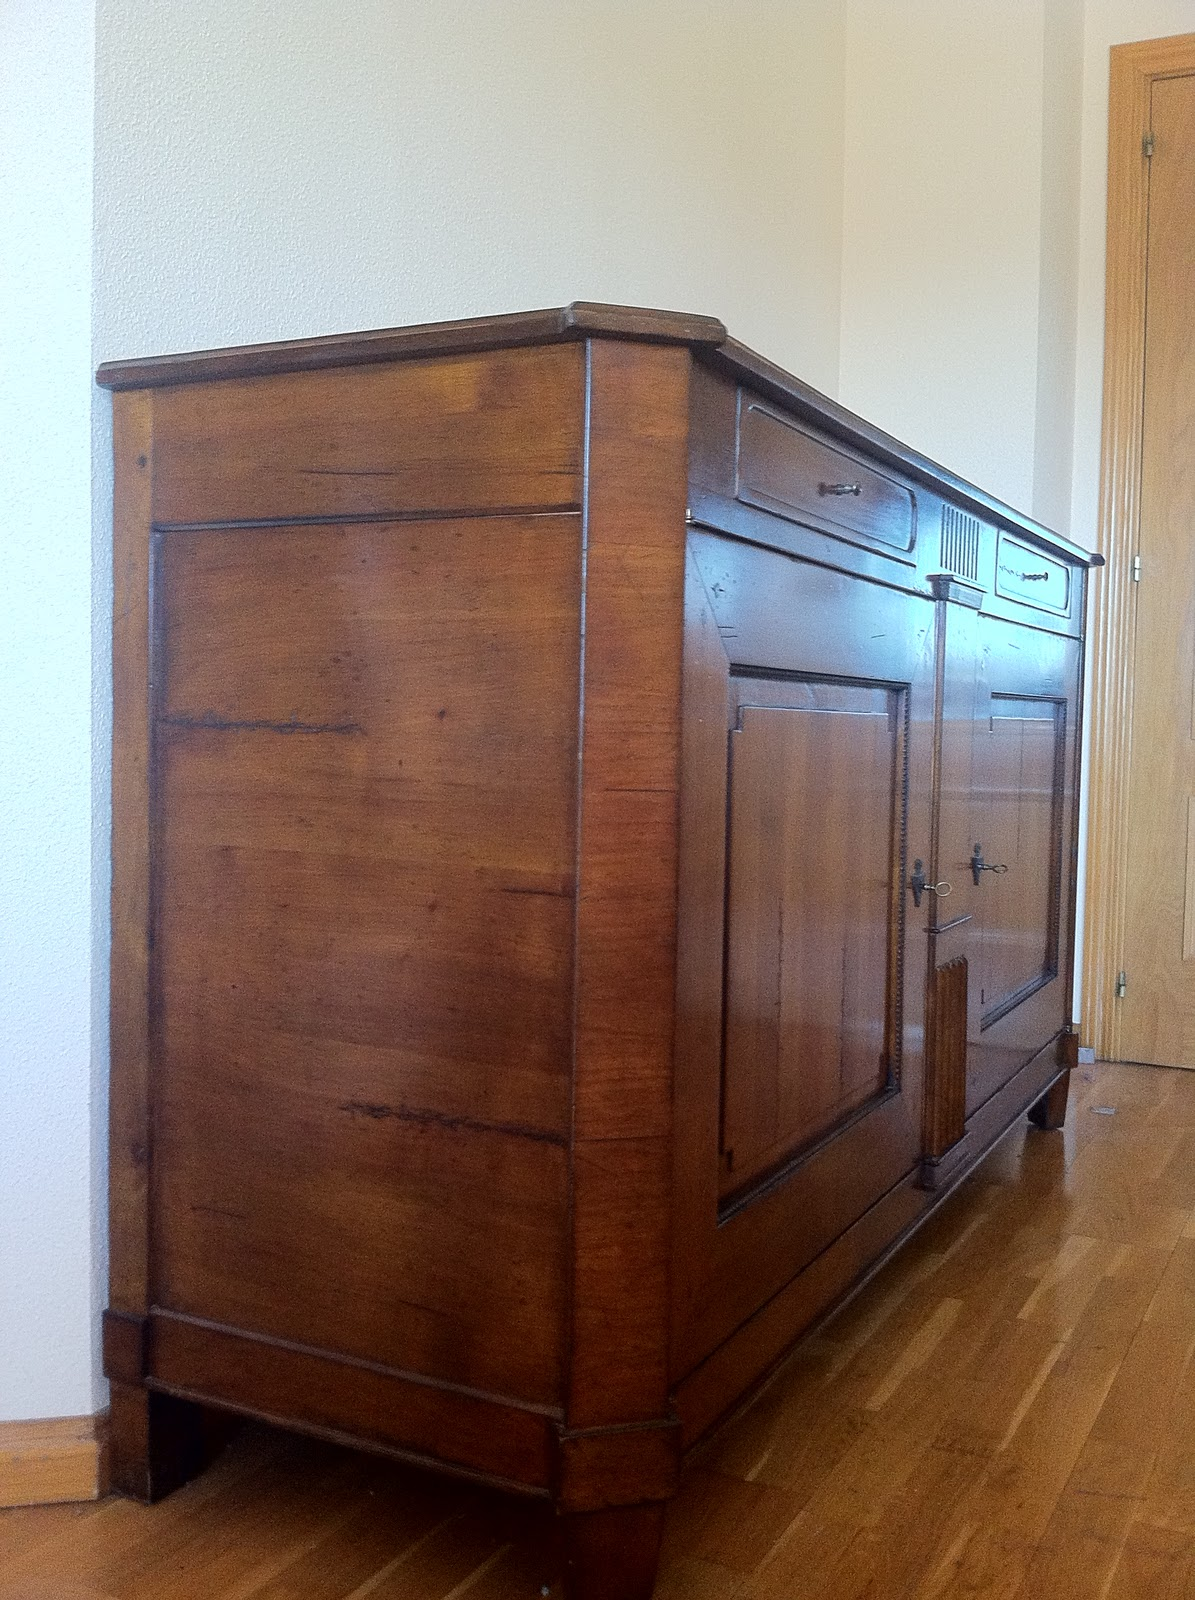 Muebles buena calidad segunda mano aparador modelo luis xvi - Aparador segunda mano ...